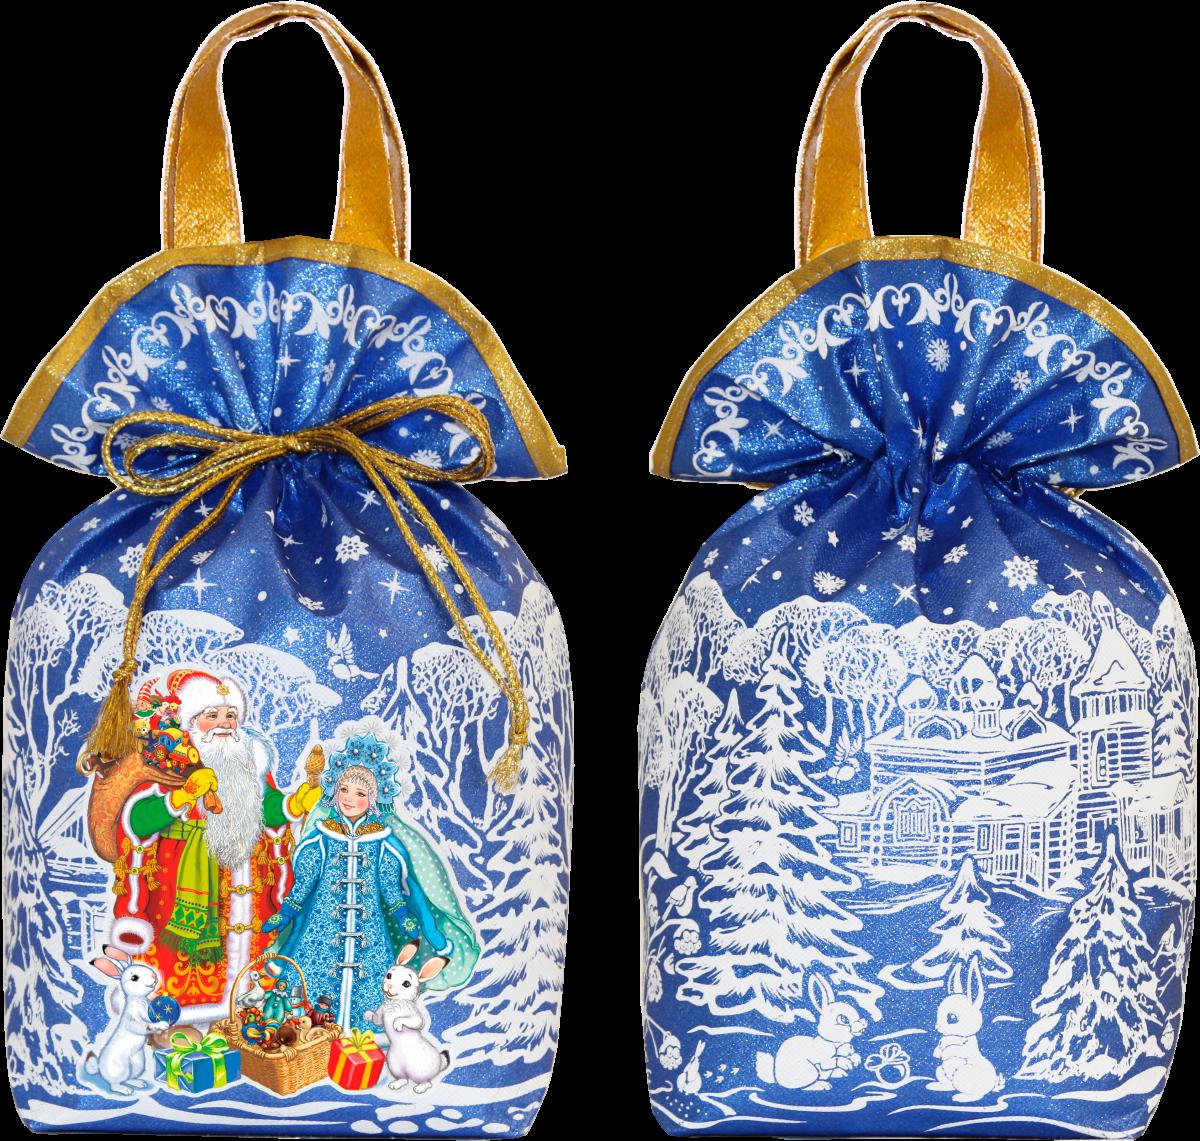 Дед Мороз и Снегурочка (синий) 2000 грамм